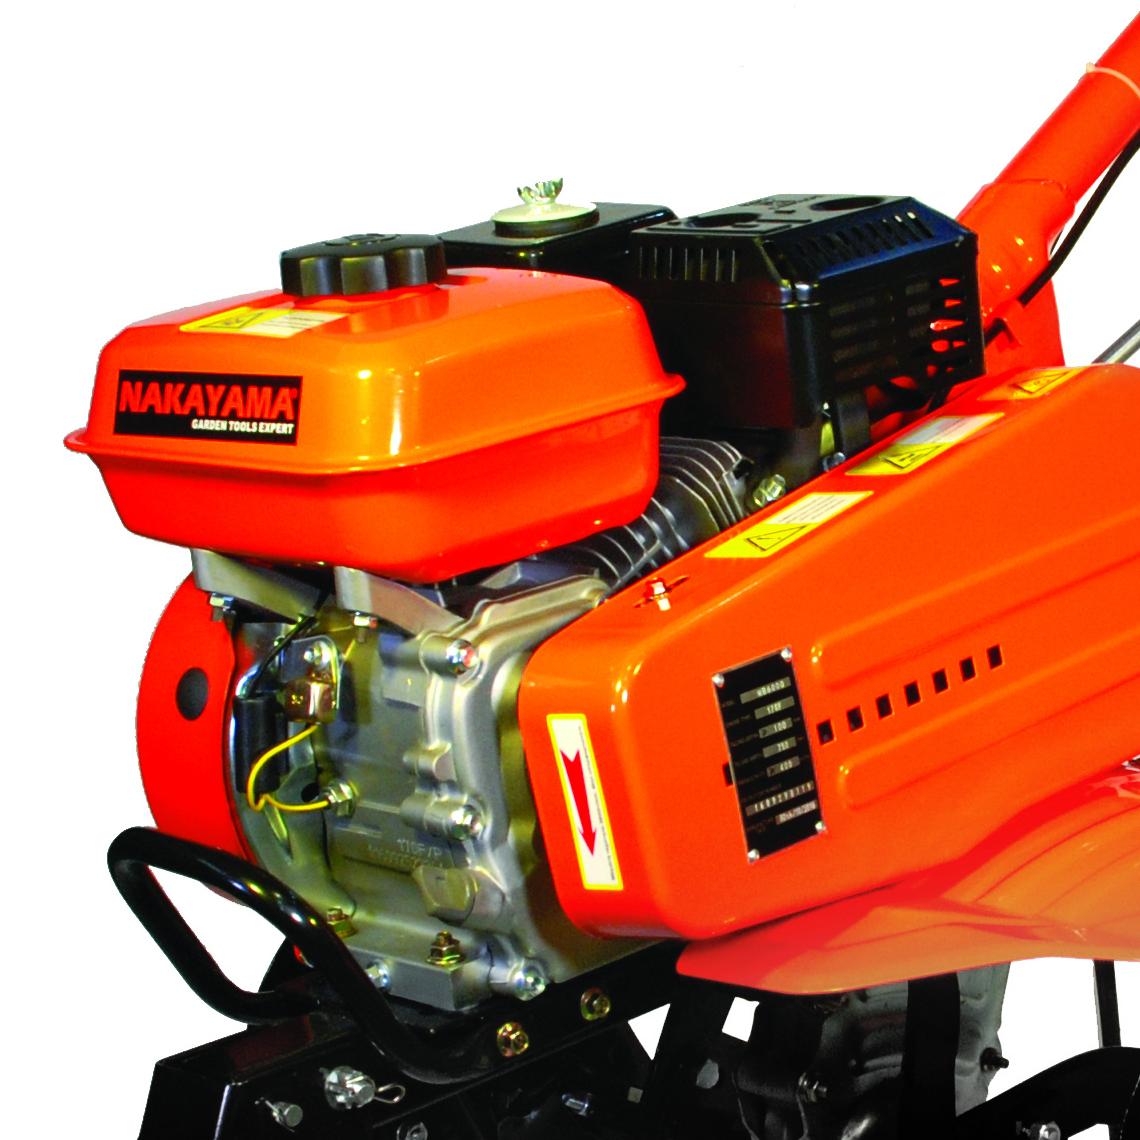 Σκαπτικό βενζίνης πλάτος 85cm NAKAYAMA MB6000